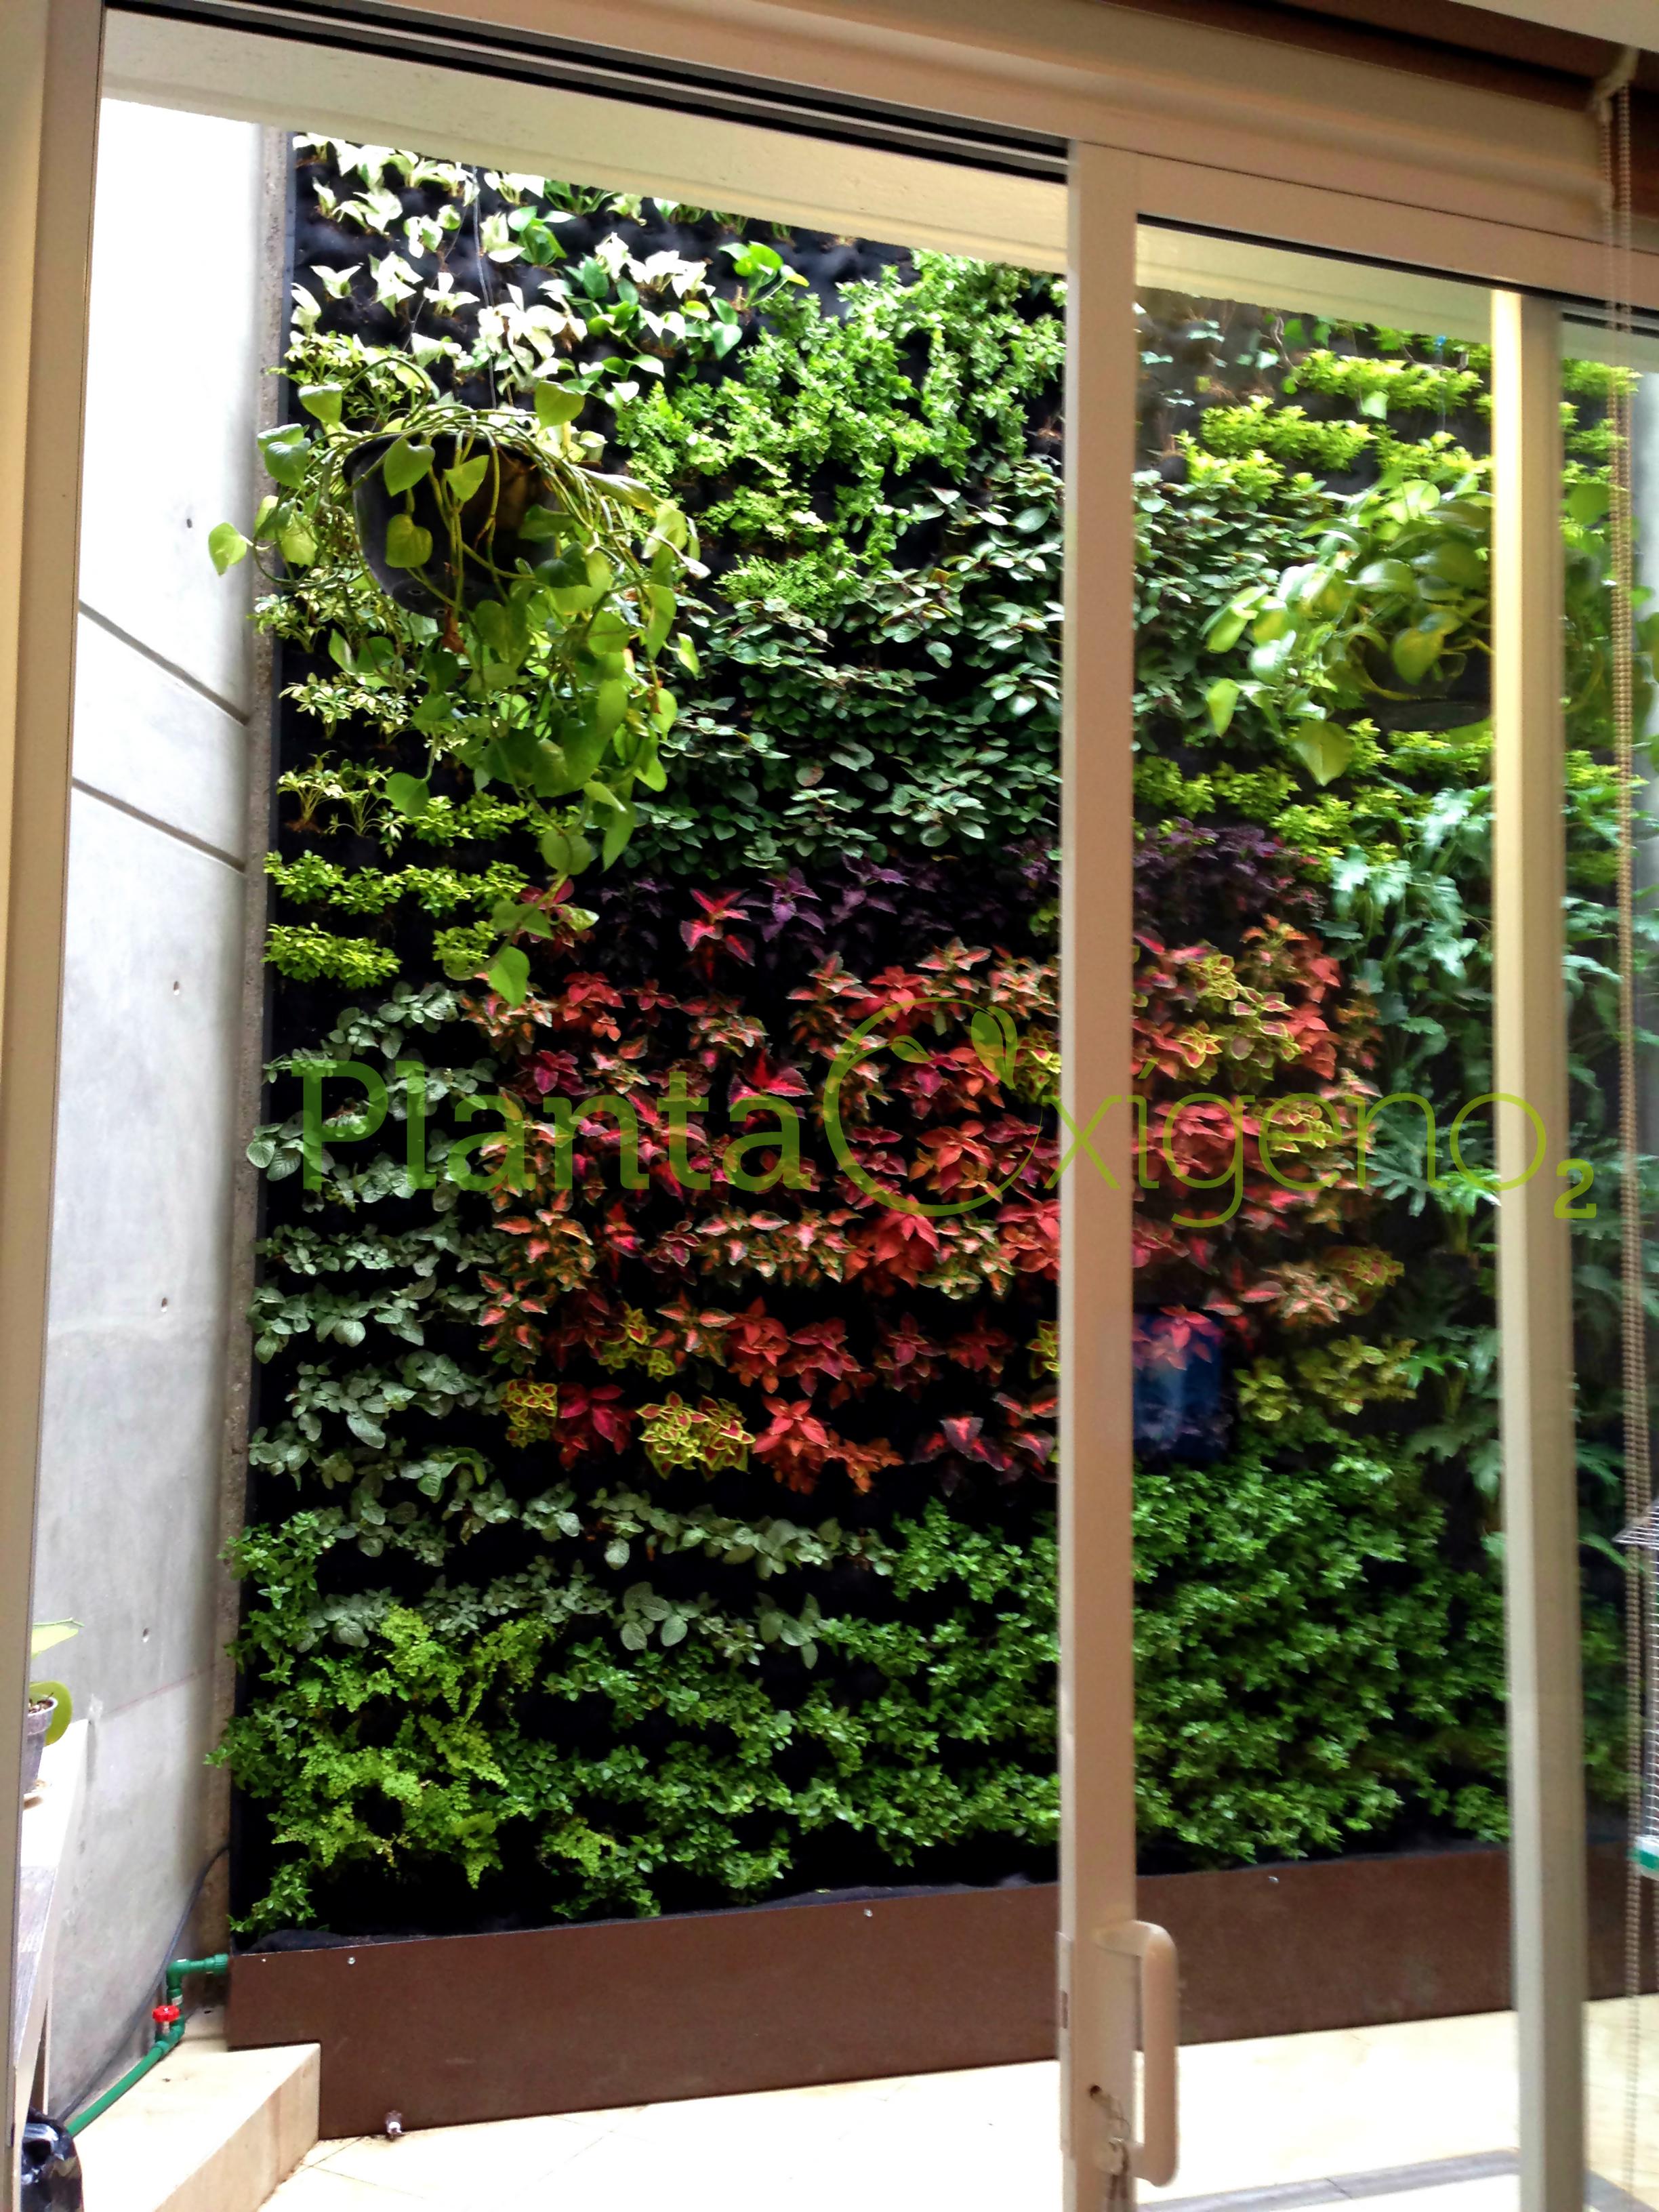 Planta ox geno planta ox geno muros verdes y azoteas verdes for Plantas muro verde